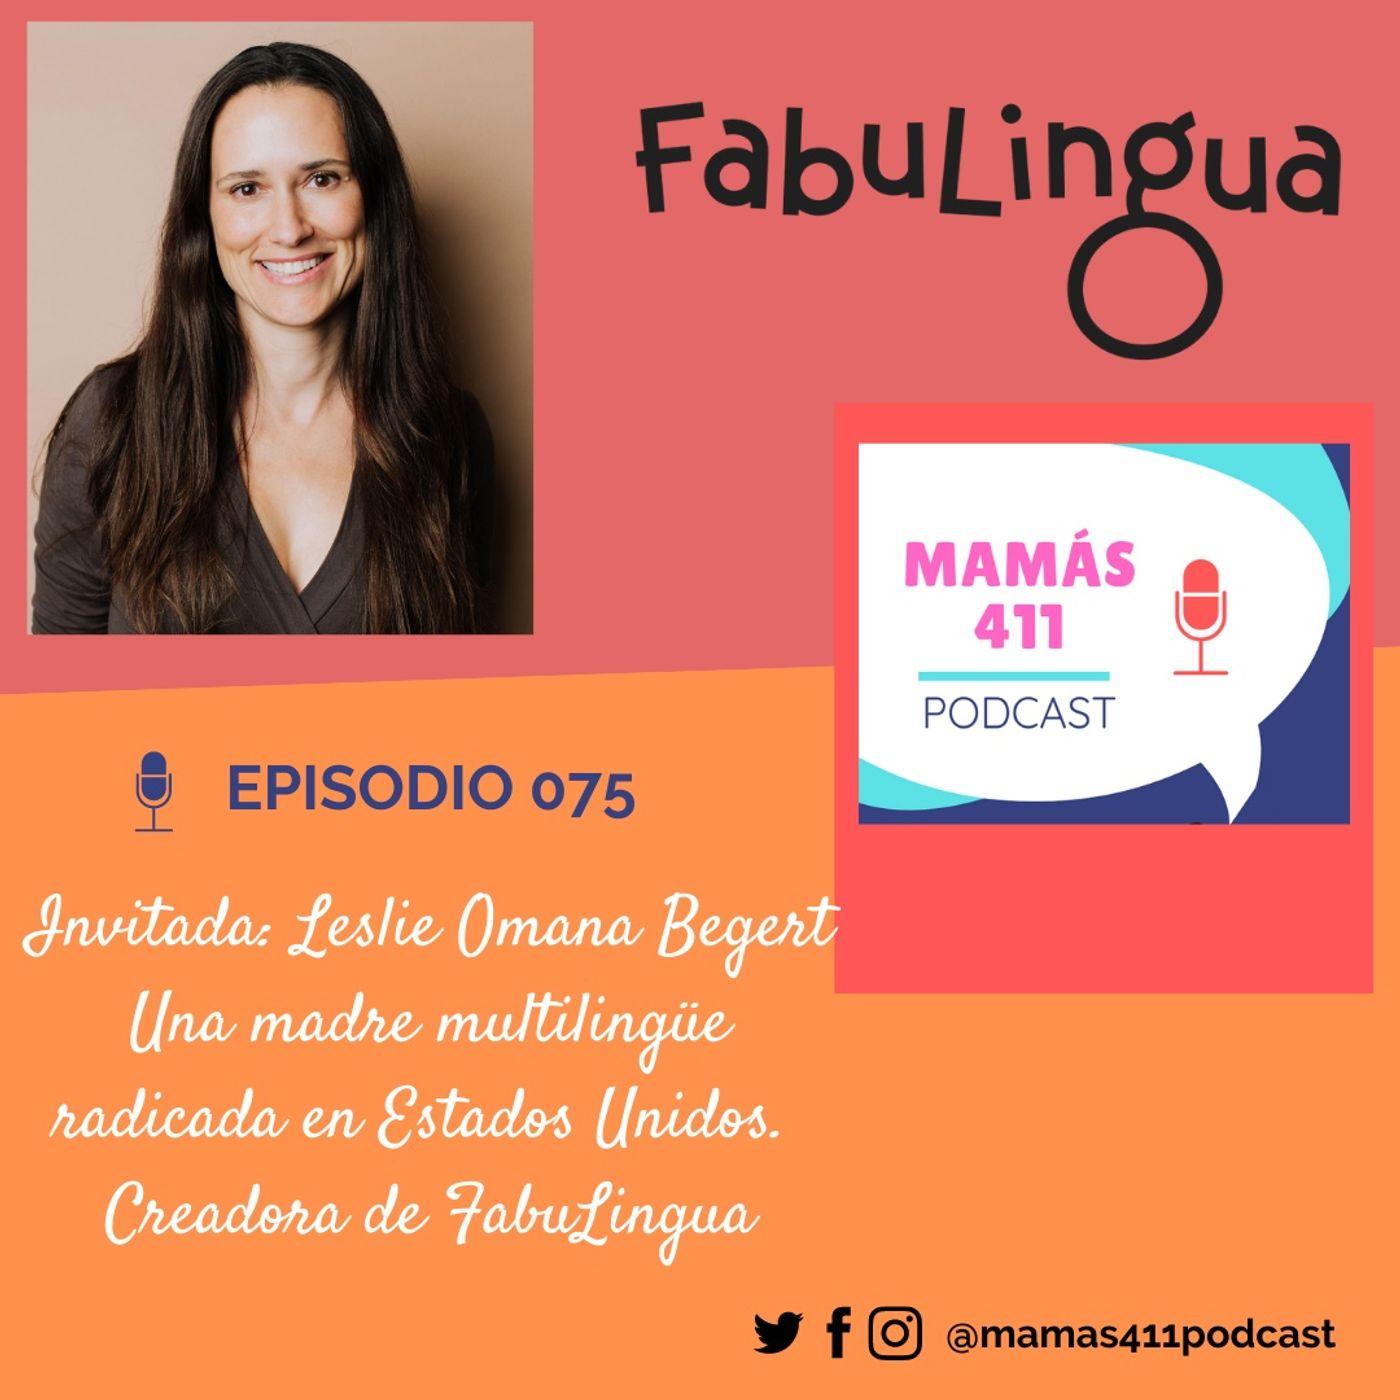 075 - Invitada: Leslie Omana Begert. Una madre multilingüe radicada en Estados Unidos. Creadora de FabuLingua